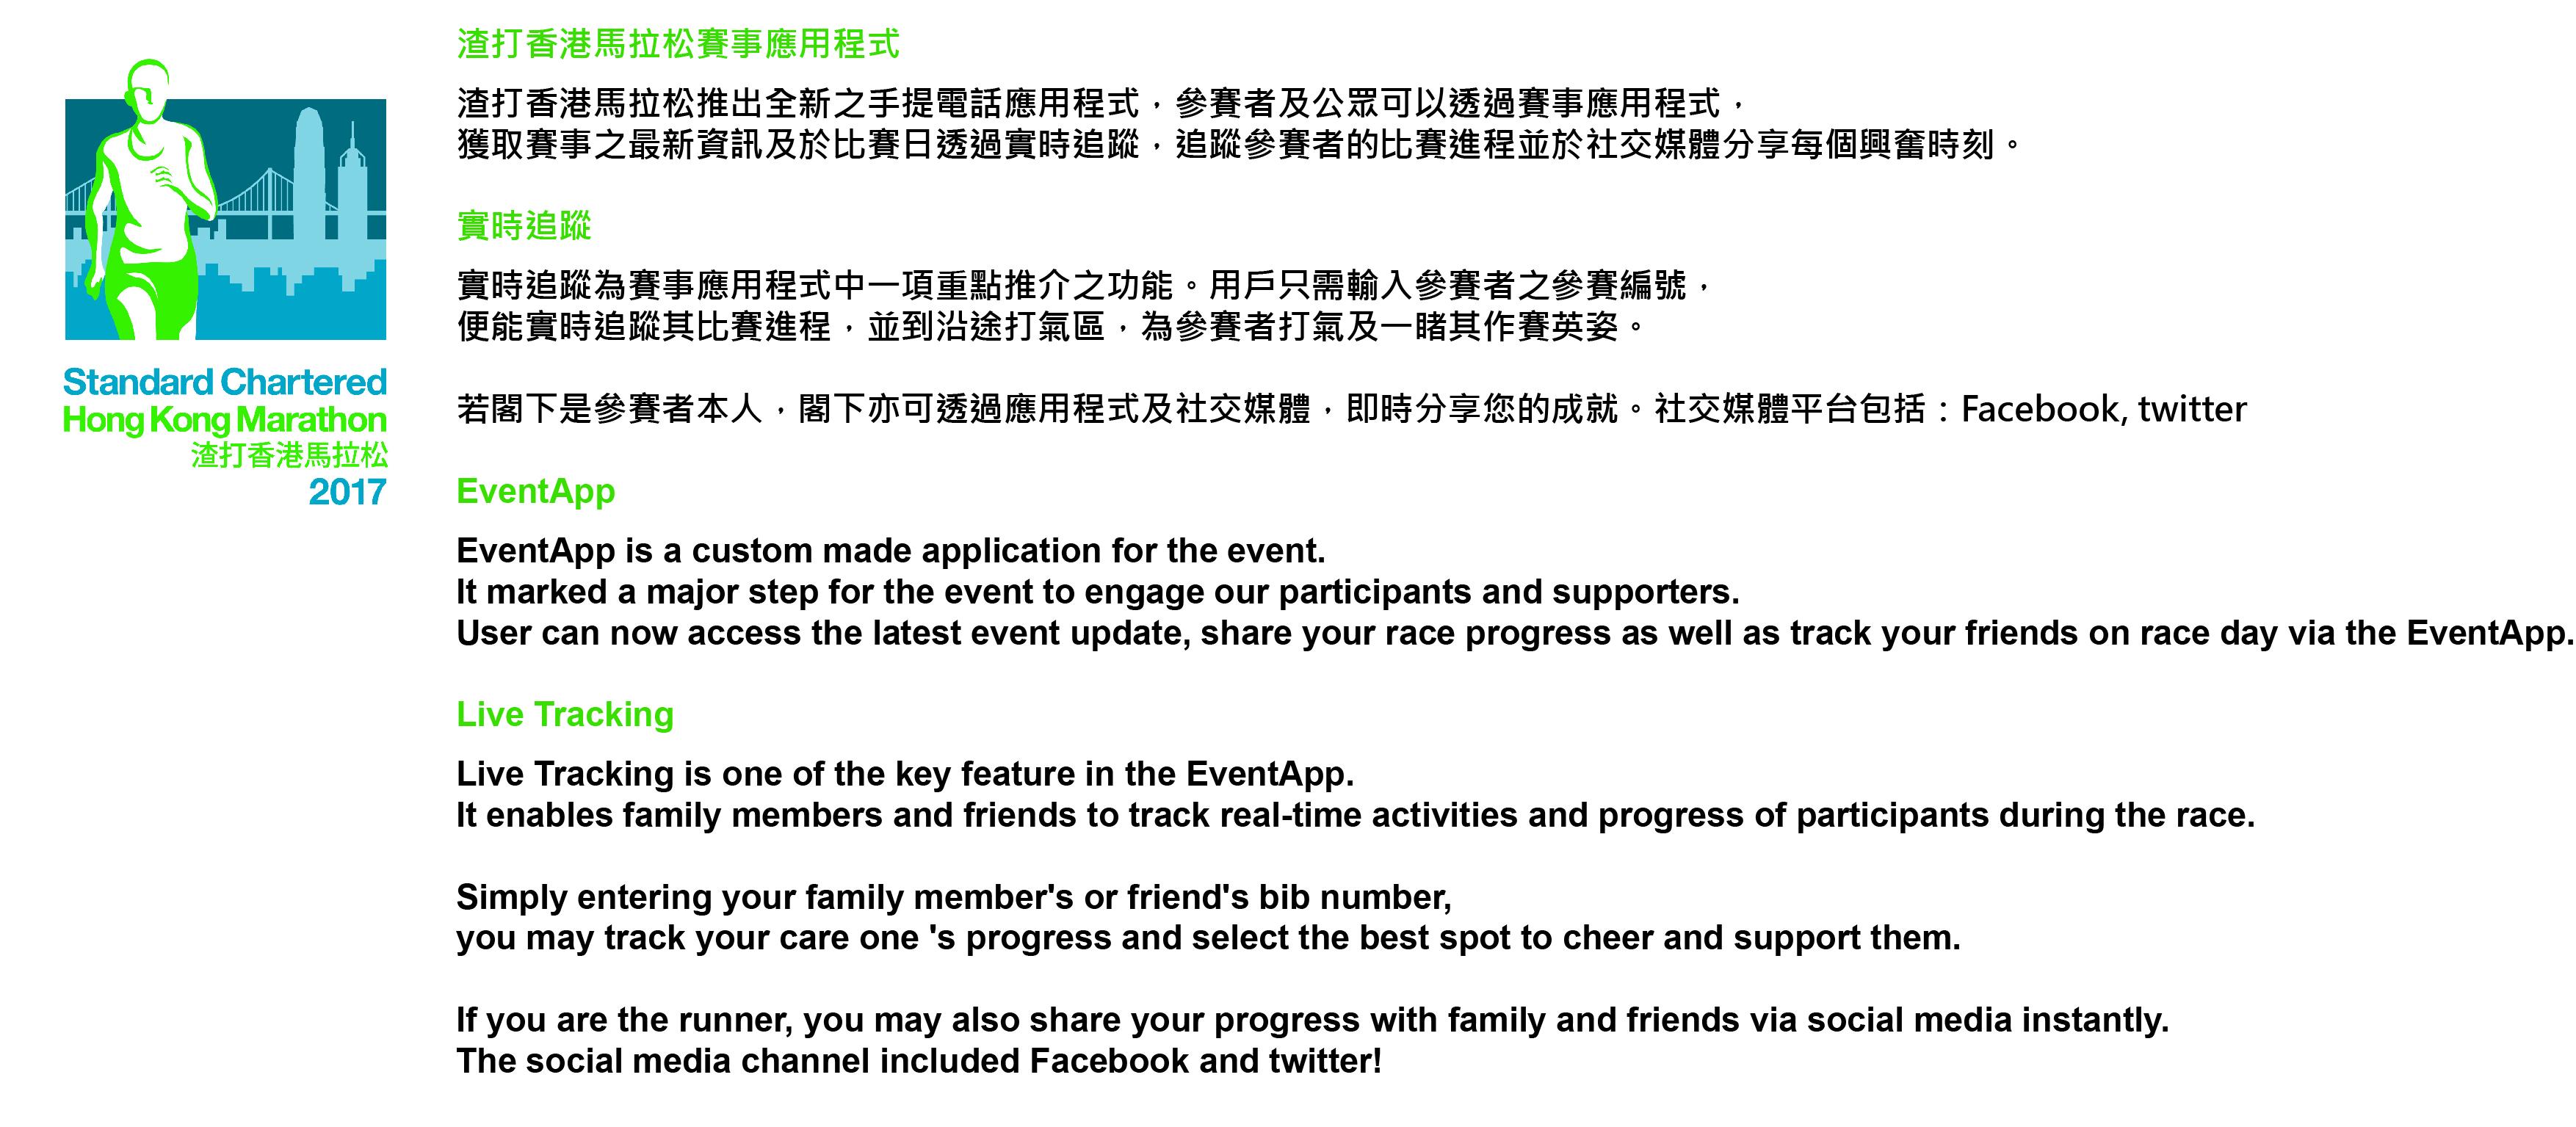 Standard Chartered Hong Kong Marathon 2017